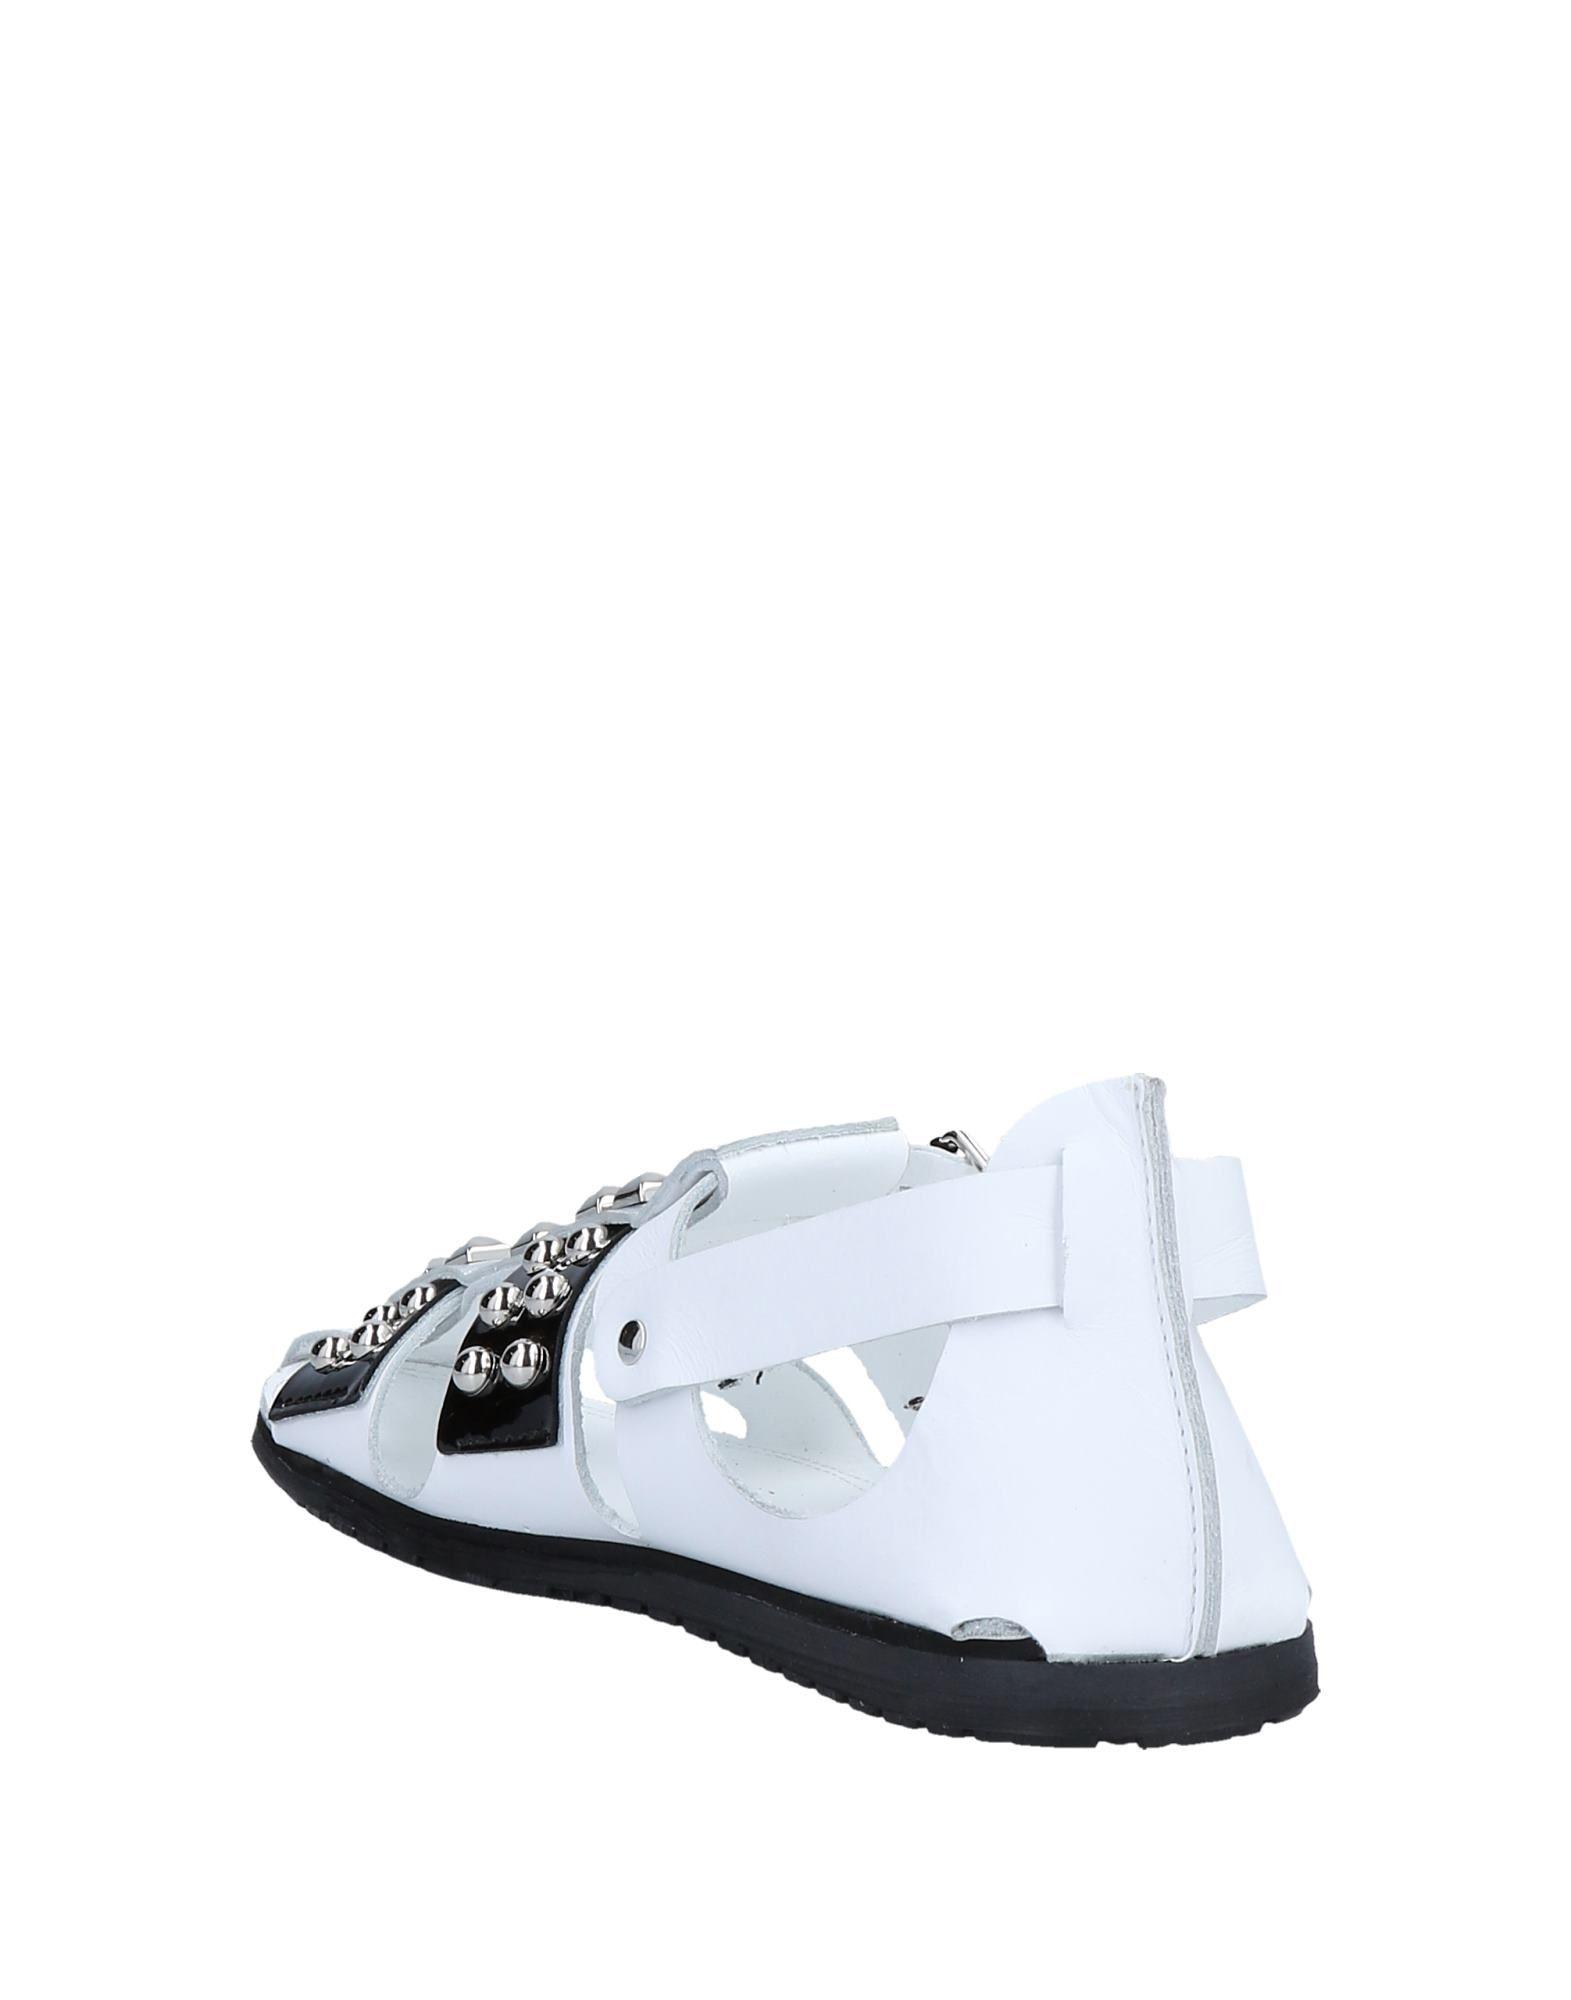 follie follie sandales sandales sandales - femmes divin divine 11570474re sandales en ligne sur canada - c1e1e0